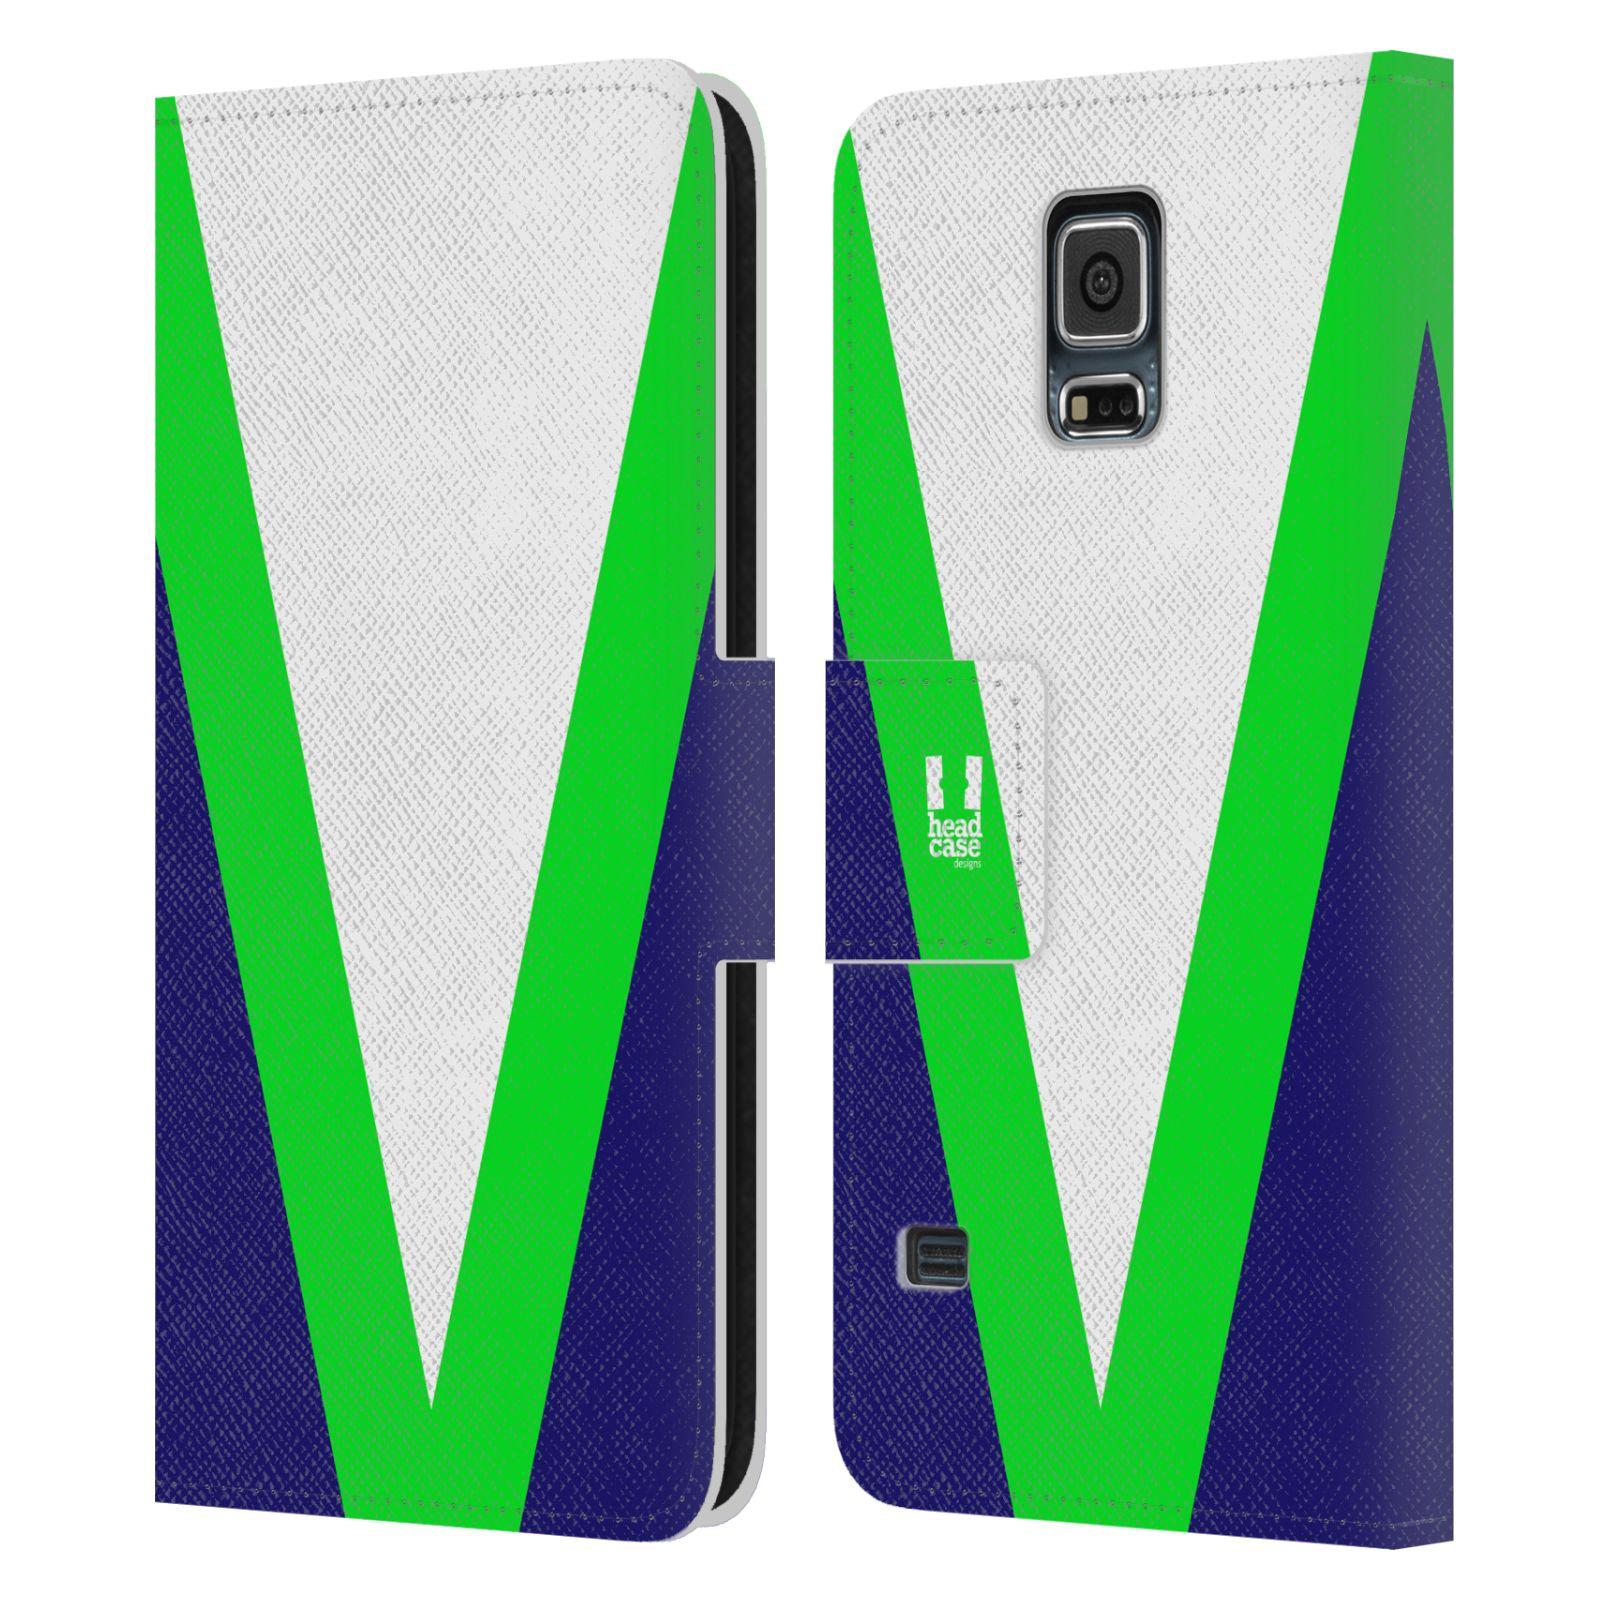 HEAD CASE Flipové pouzdro pro mobil Samsung Galaxy S5 barevné tvary zelená a modrá